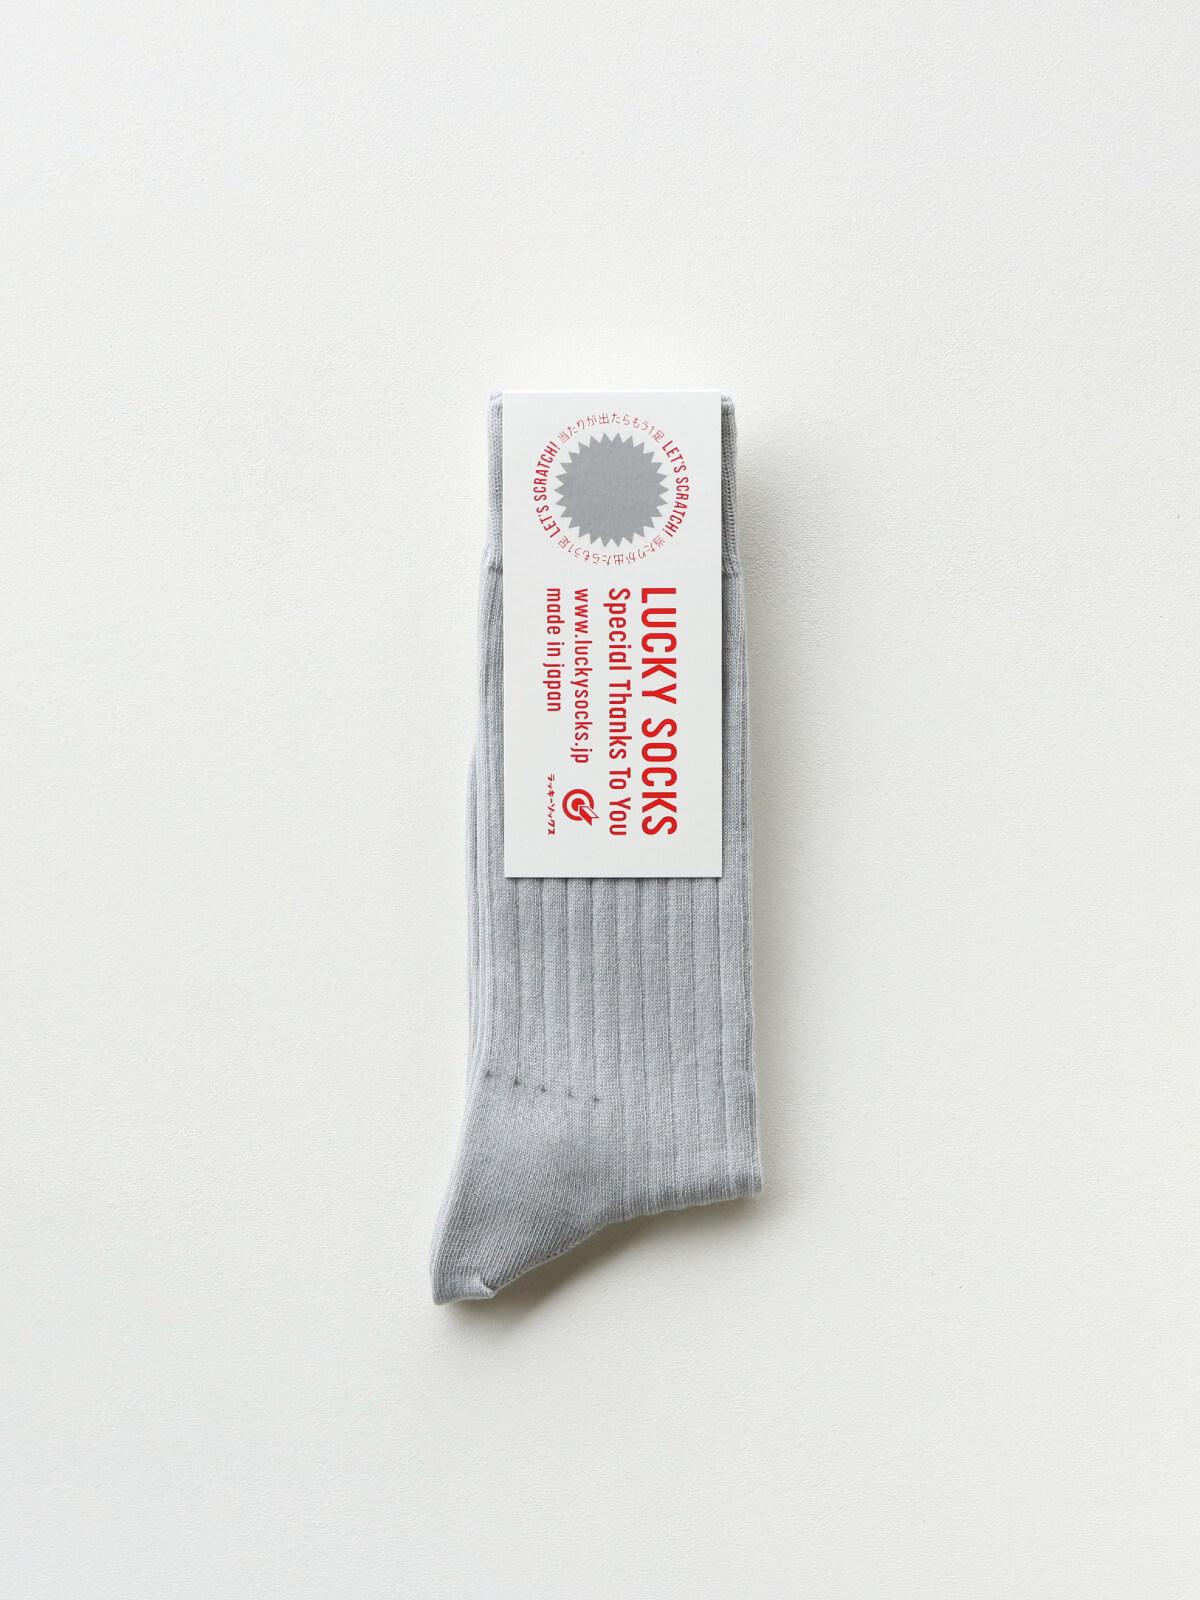 当たりつきギフト専用靴下のLUCKY SOCKS(ラッキーソックス)のLight Rib Socks(ライトリブソックス)のライトグレー_1